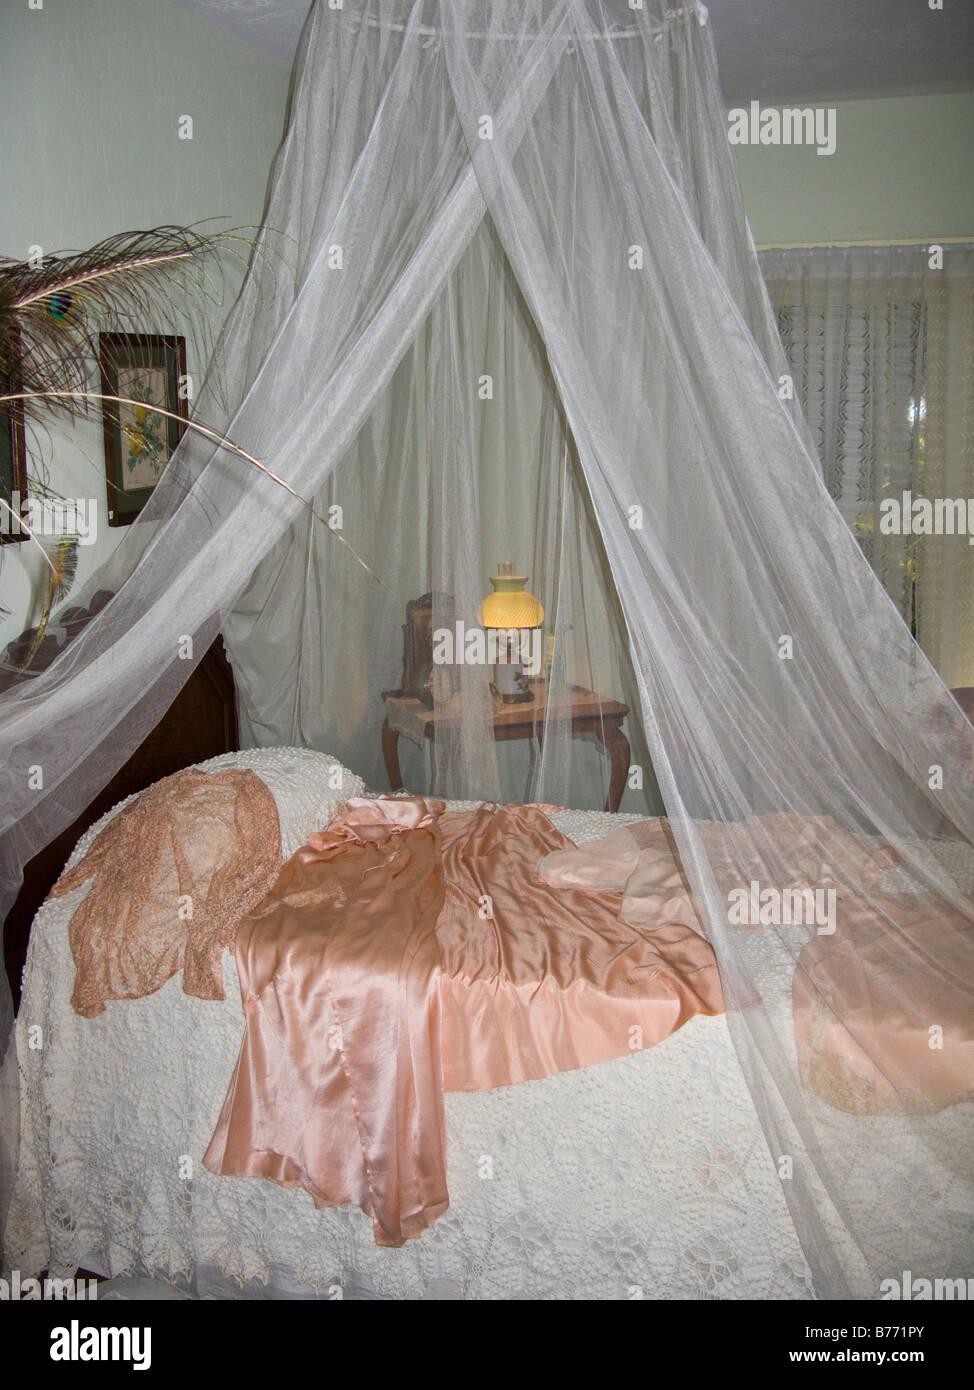 Moskitonetz Bett im 30er Jahre Stil amerikanischen Plantage Haus ...